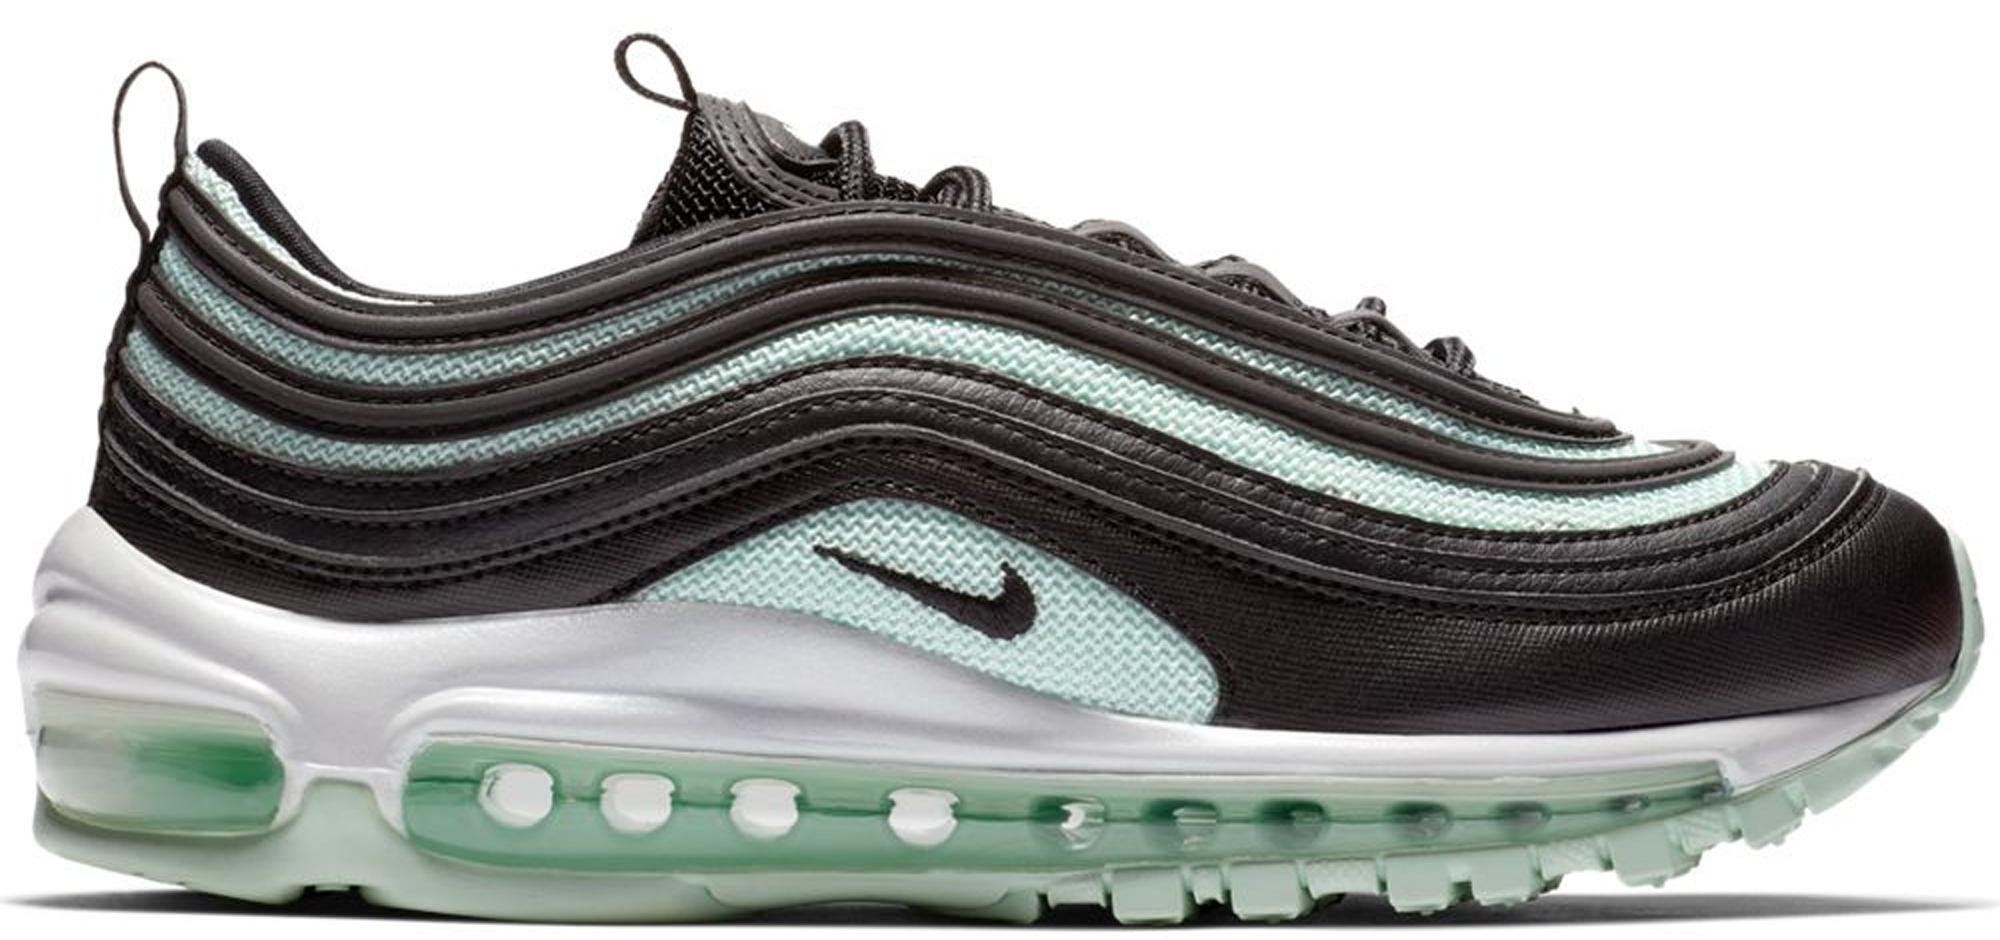 Nike Air Max 97 - Femme Chaussures - 921733-012